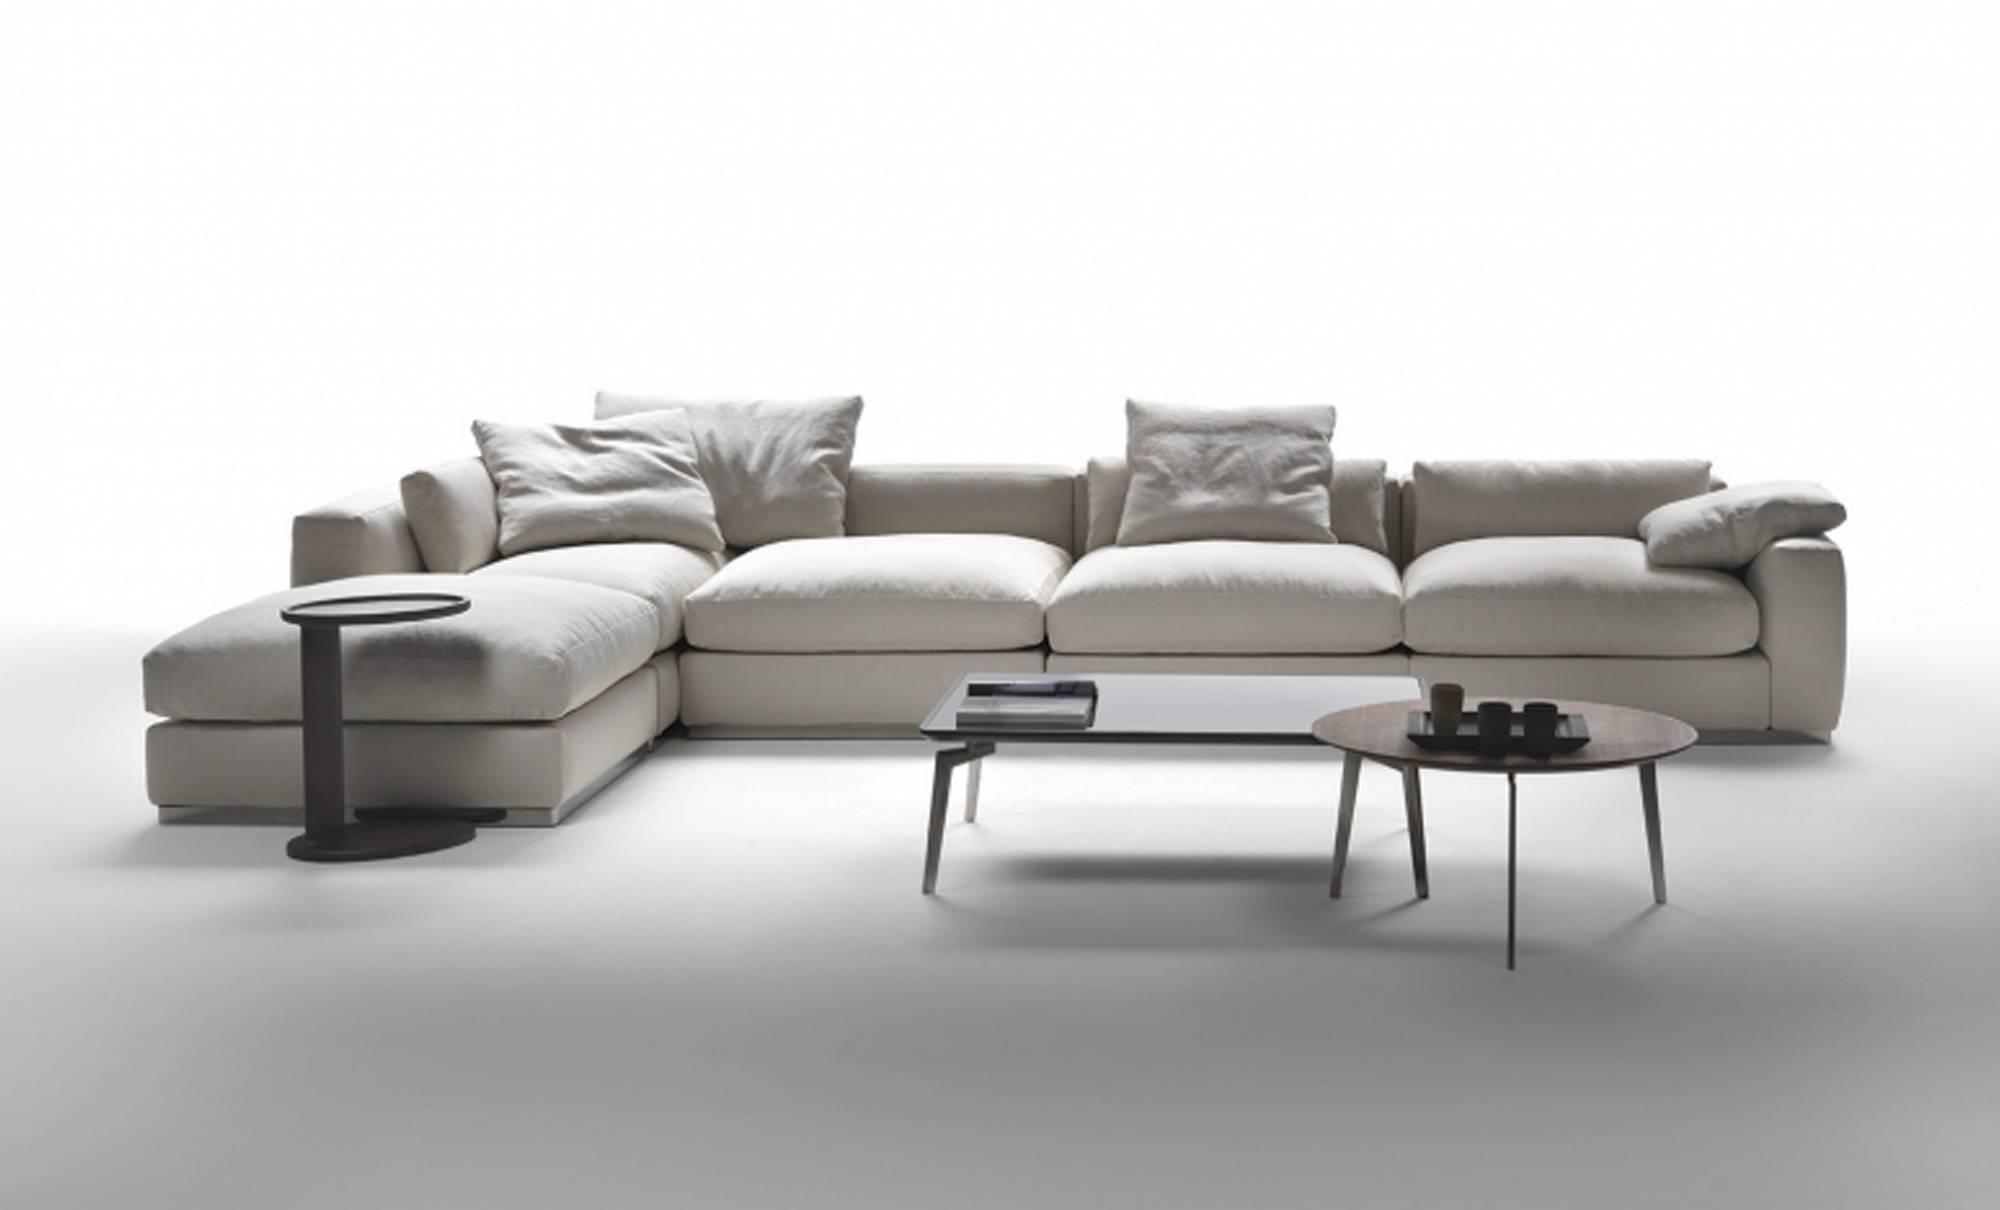 Modular Sofas - Fanuli Furniture with regard to Modular Sofas (Image 13 of 15)